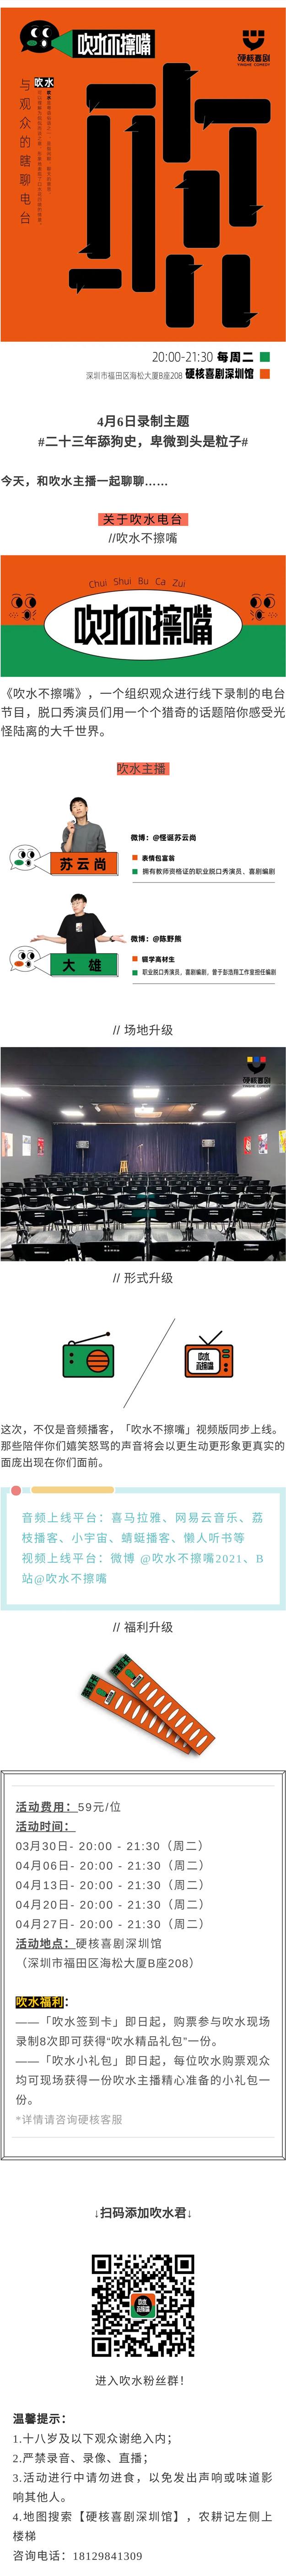 2021《吹水不擦嘴》每周二电台 硬核喜剧脱口秀-深圳站